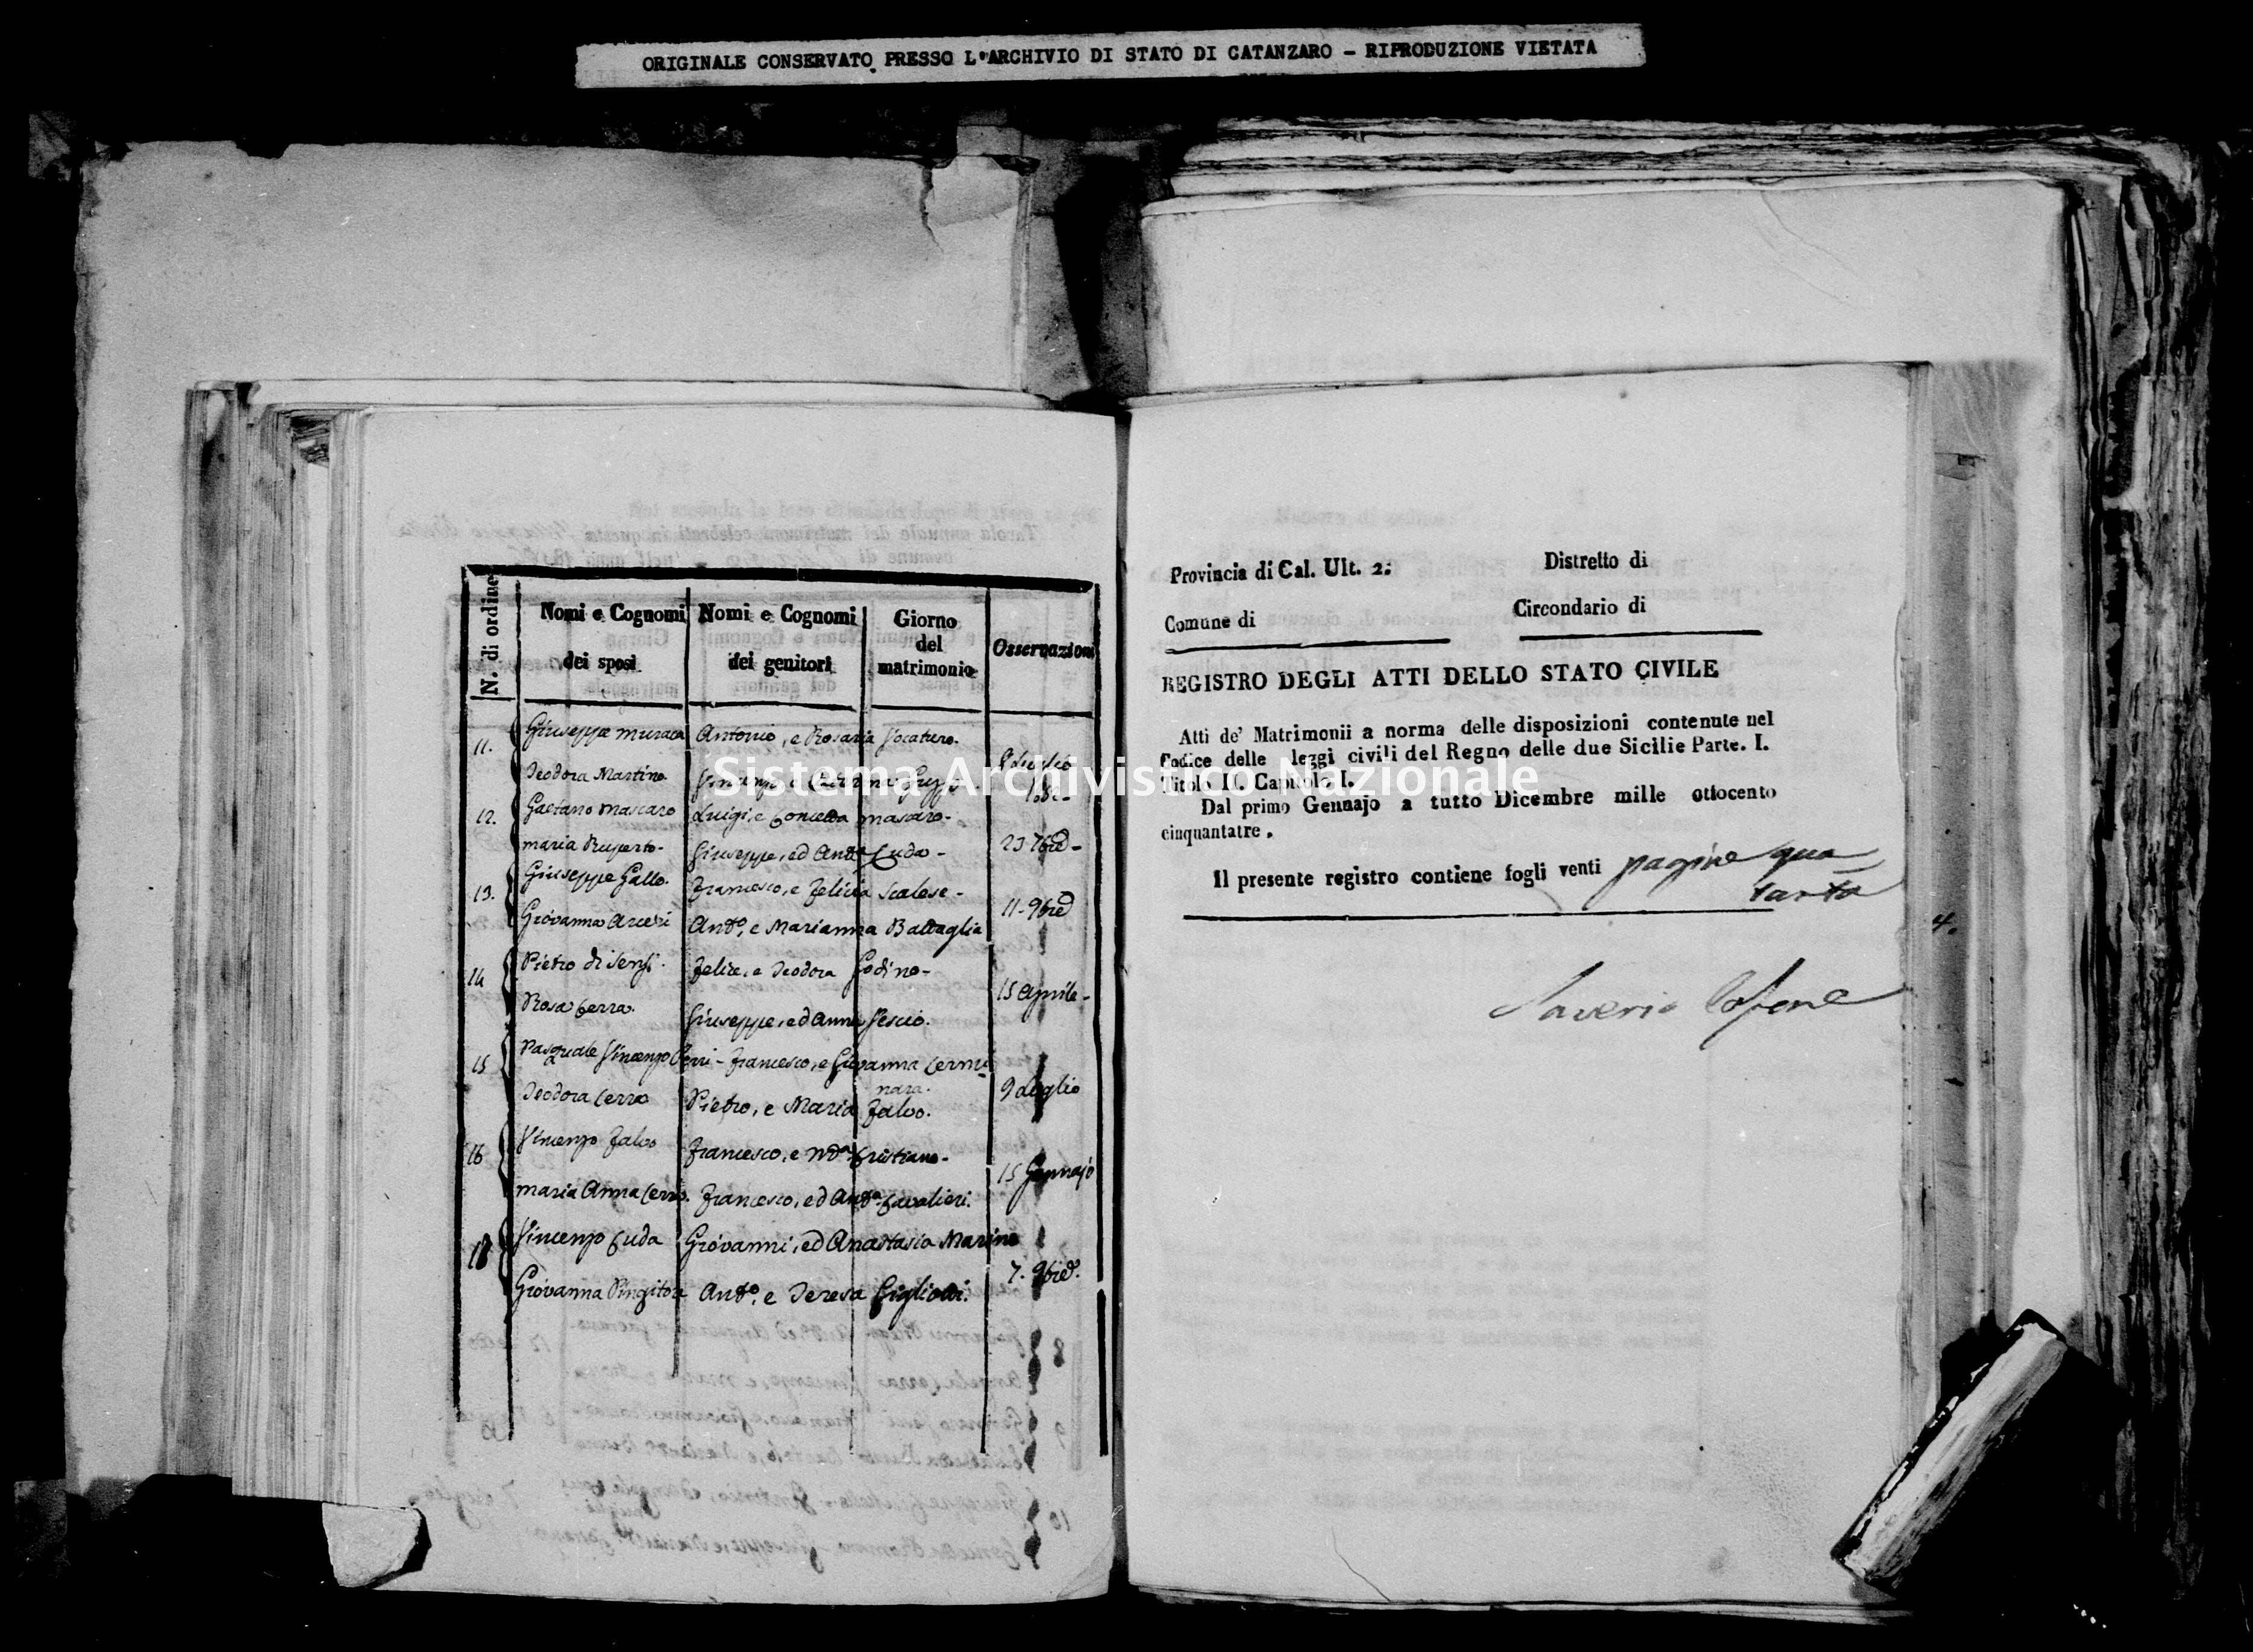 Archivio di stato di Catanzaro - Stato civile della restaurazione - Bella - Matrimoni - 1853 -